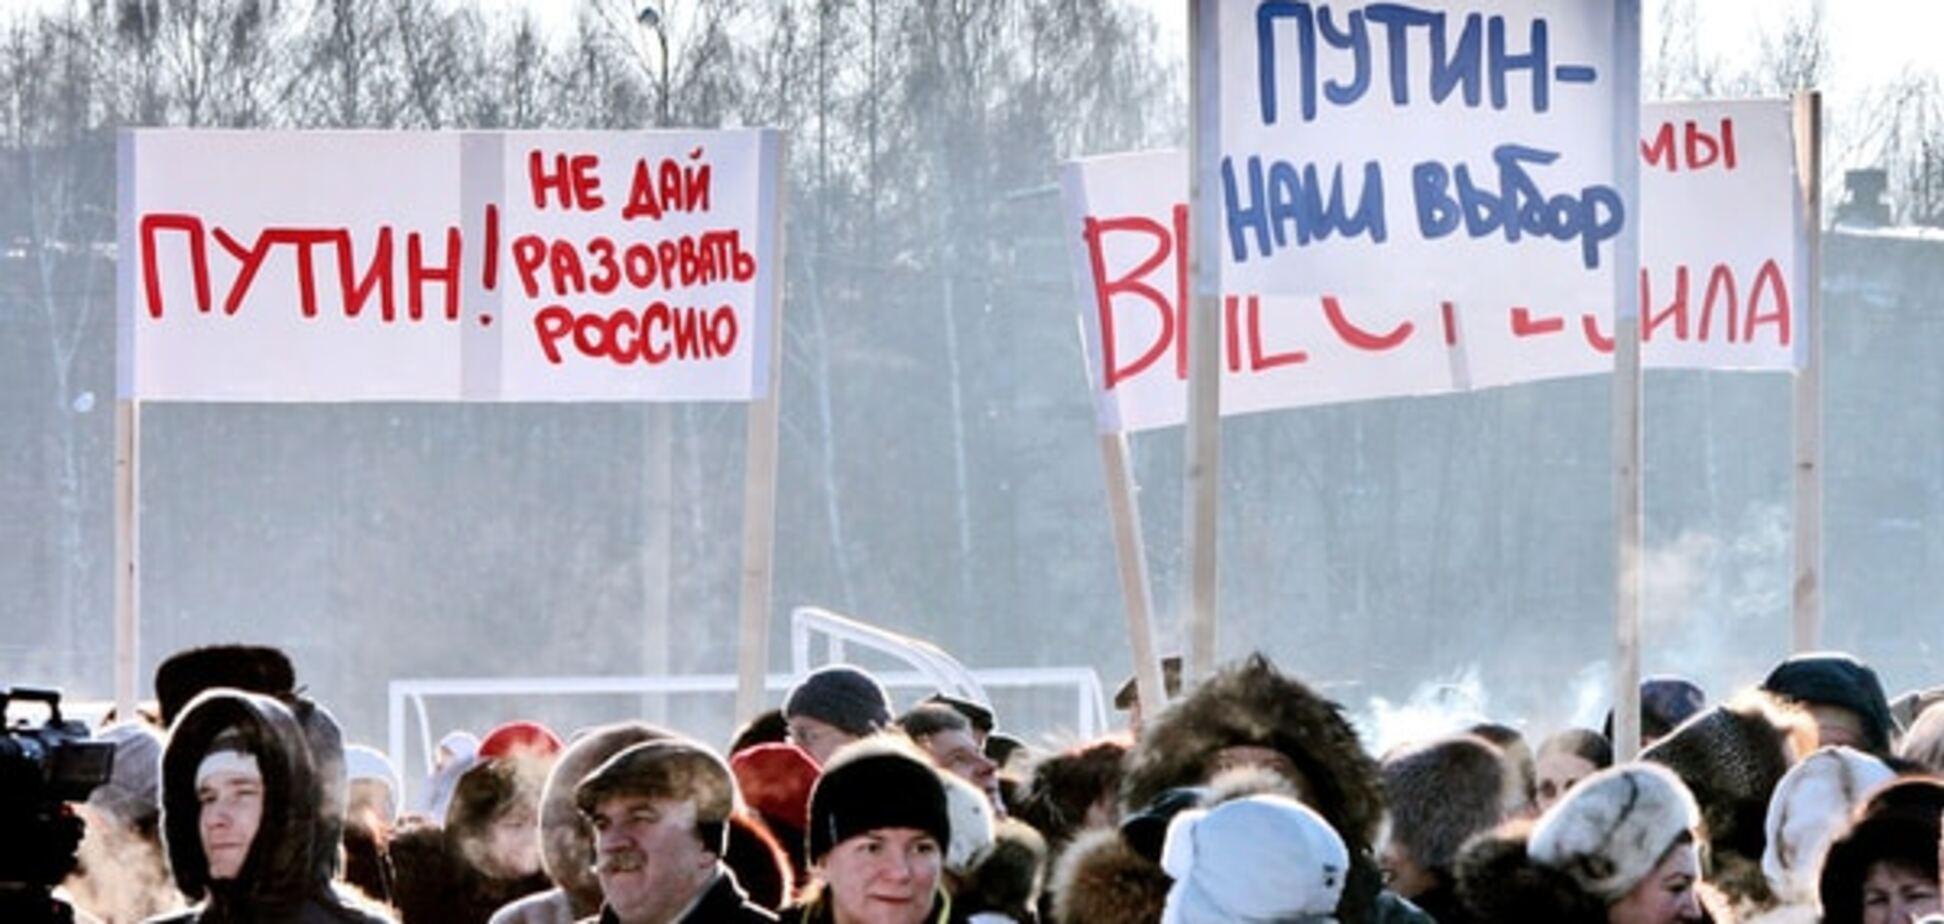 Рабинович закликав підтримати 'національного лідера в боротьбі з адептами Заходу' Путіна